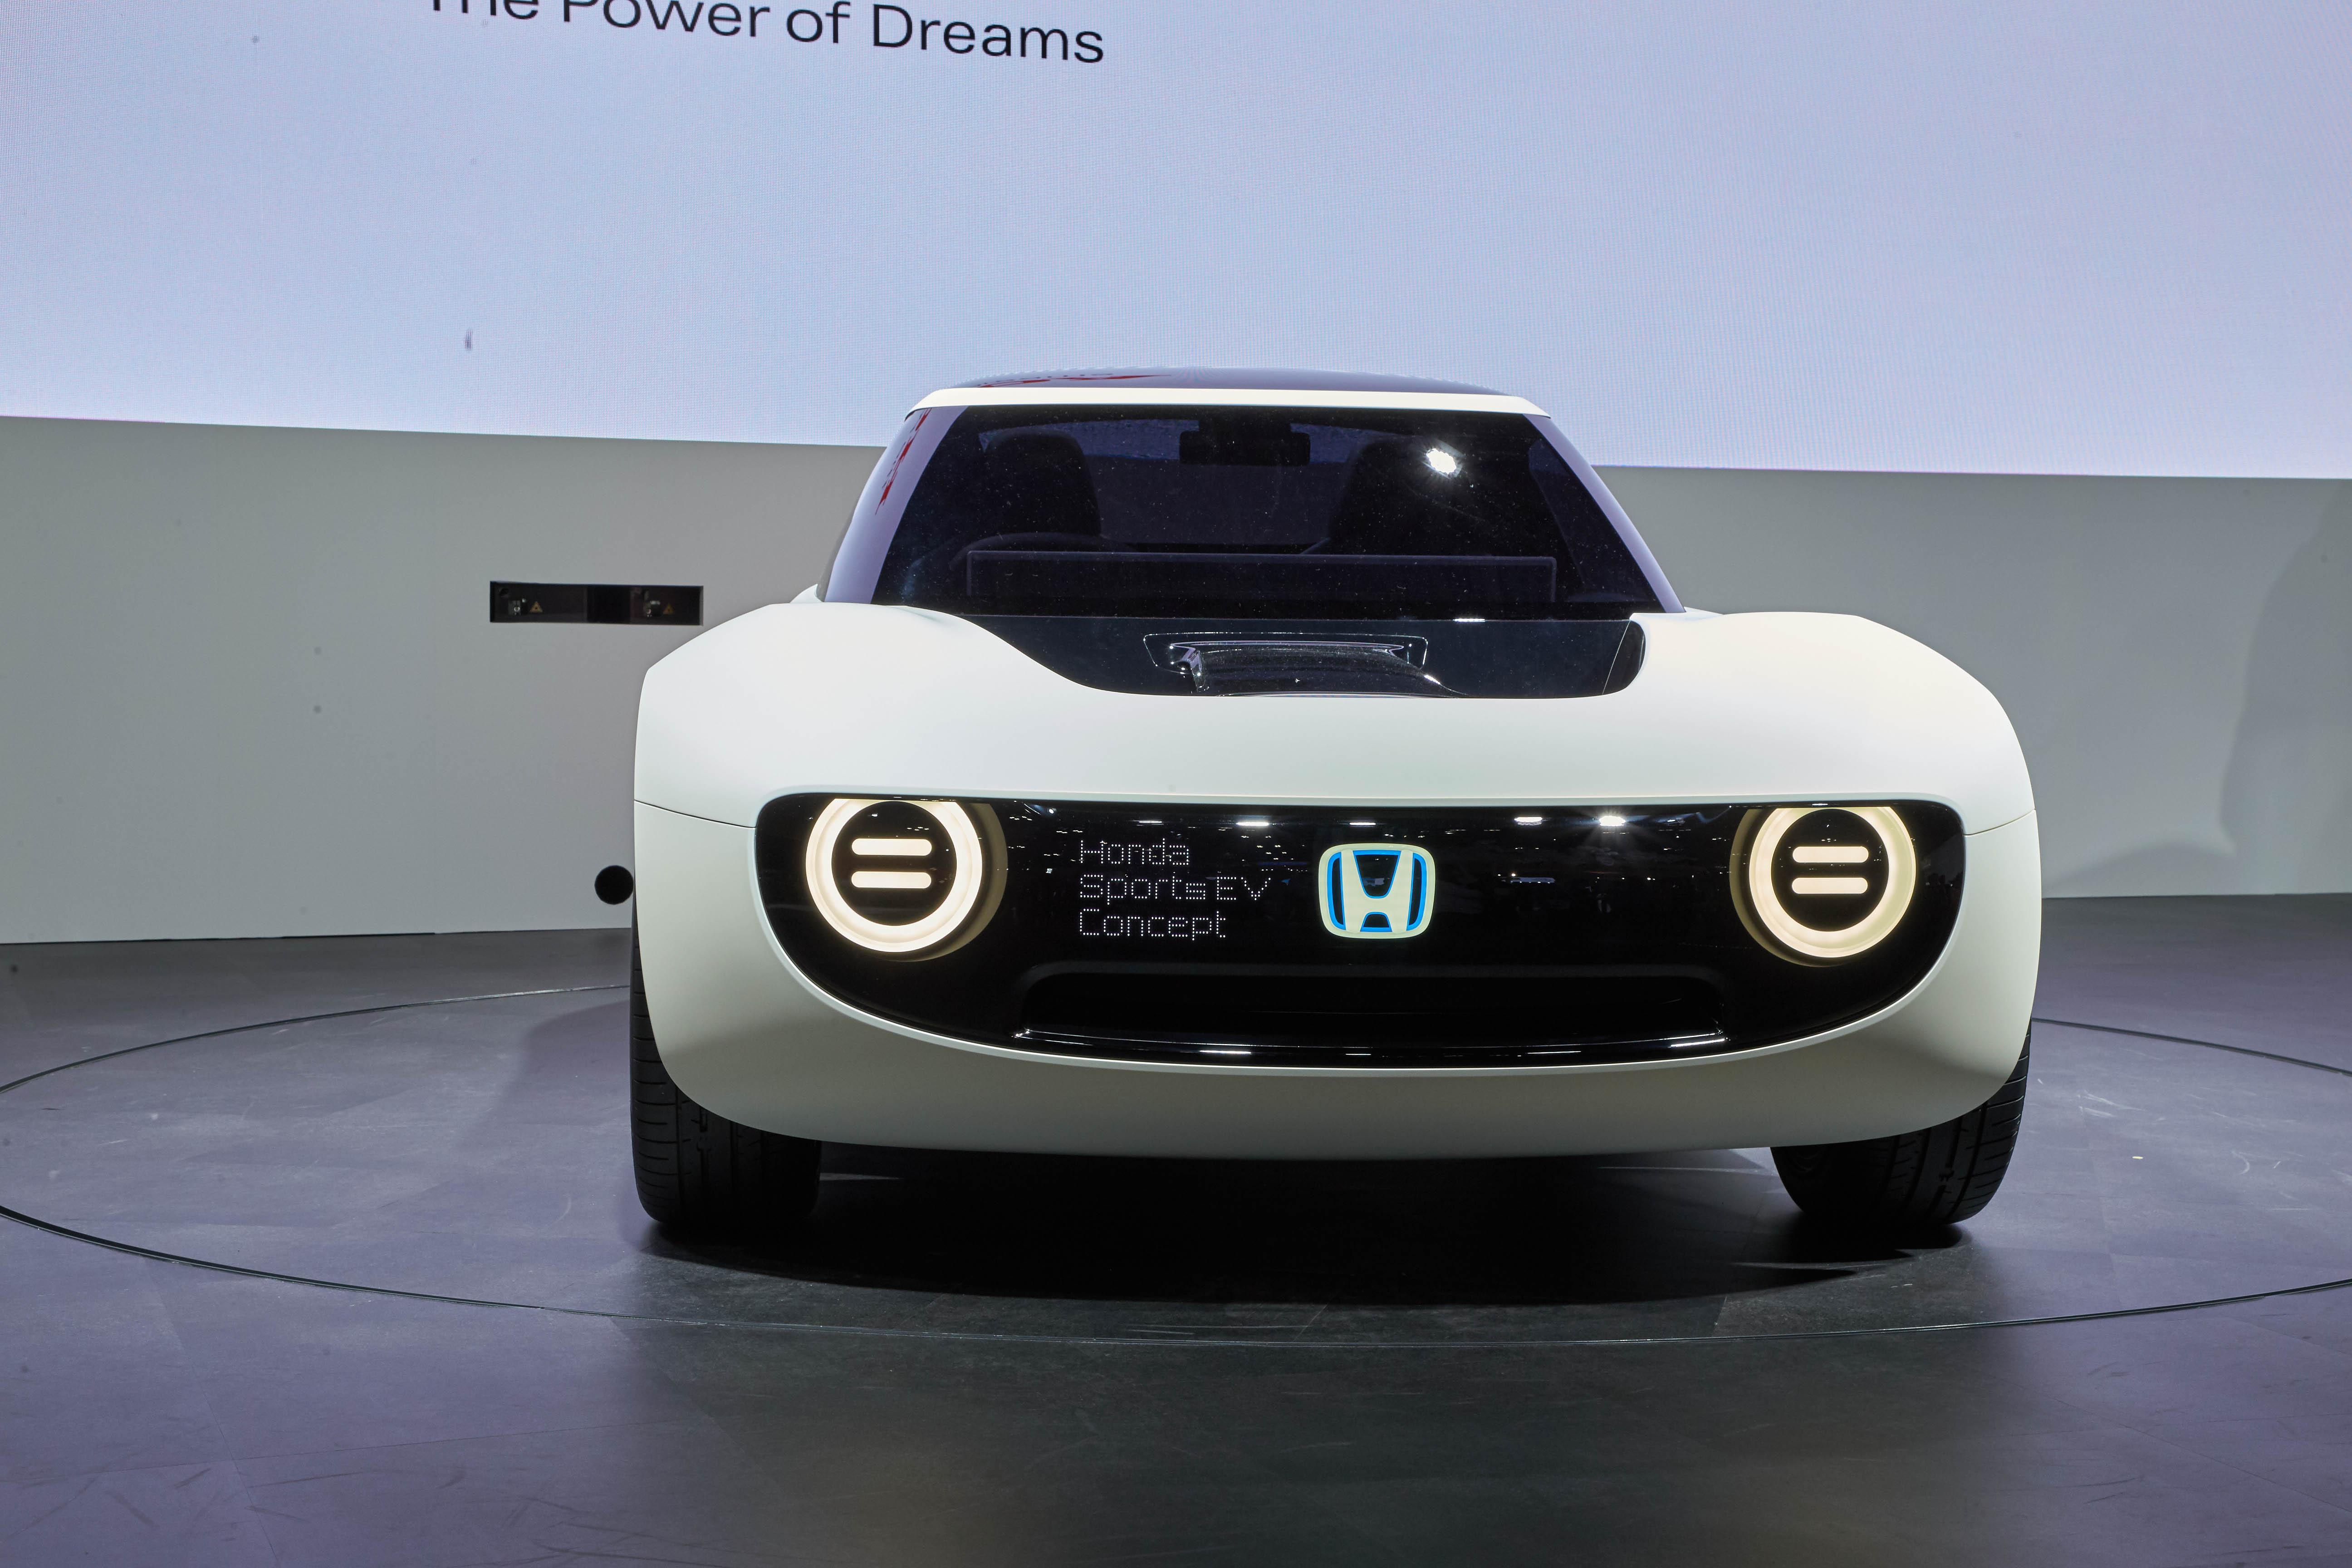 Honda Sports EV Concept Revealed - Photos